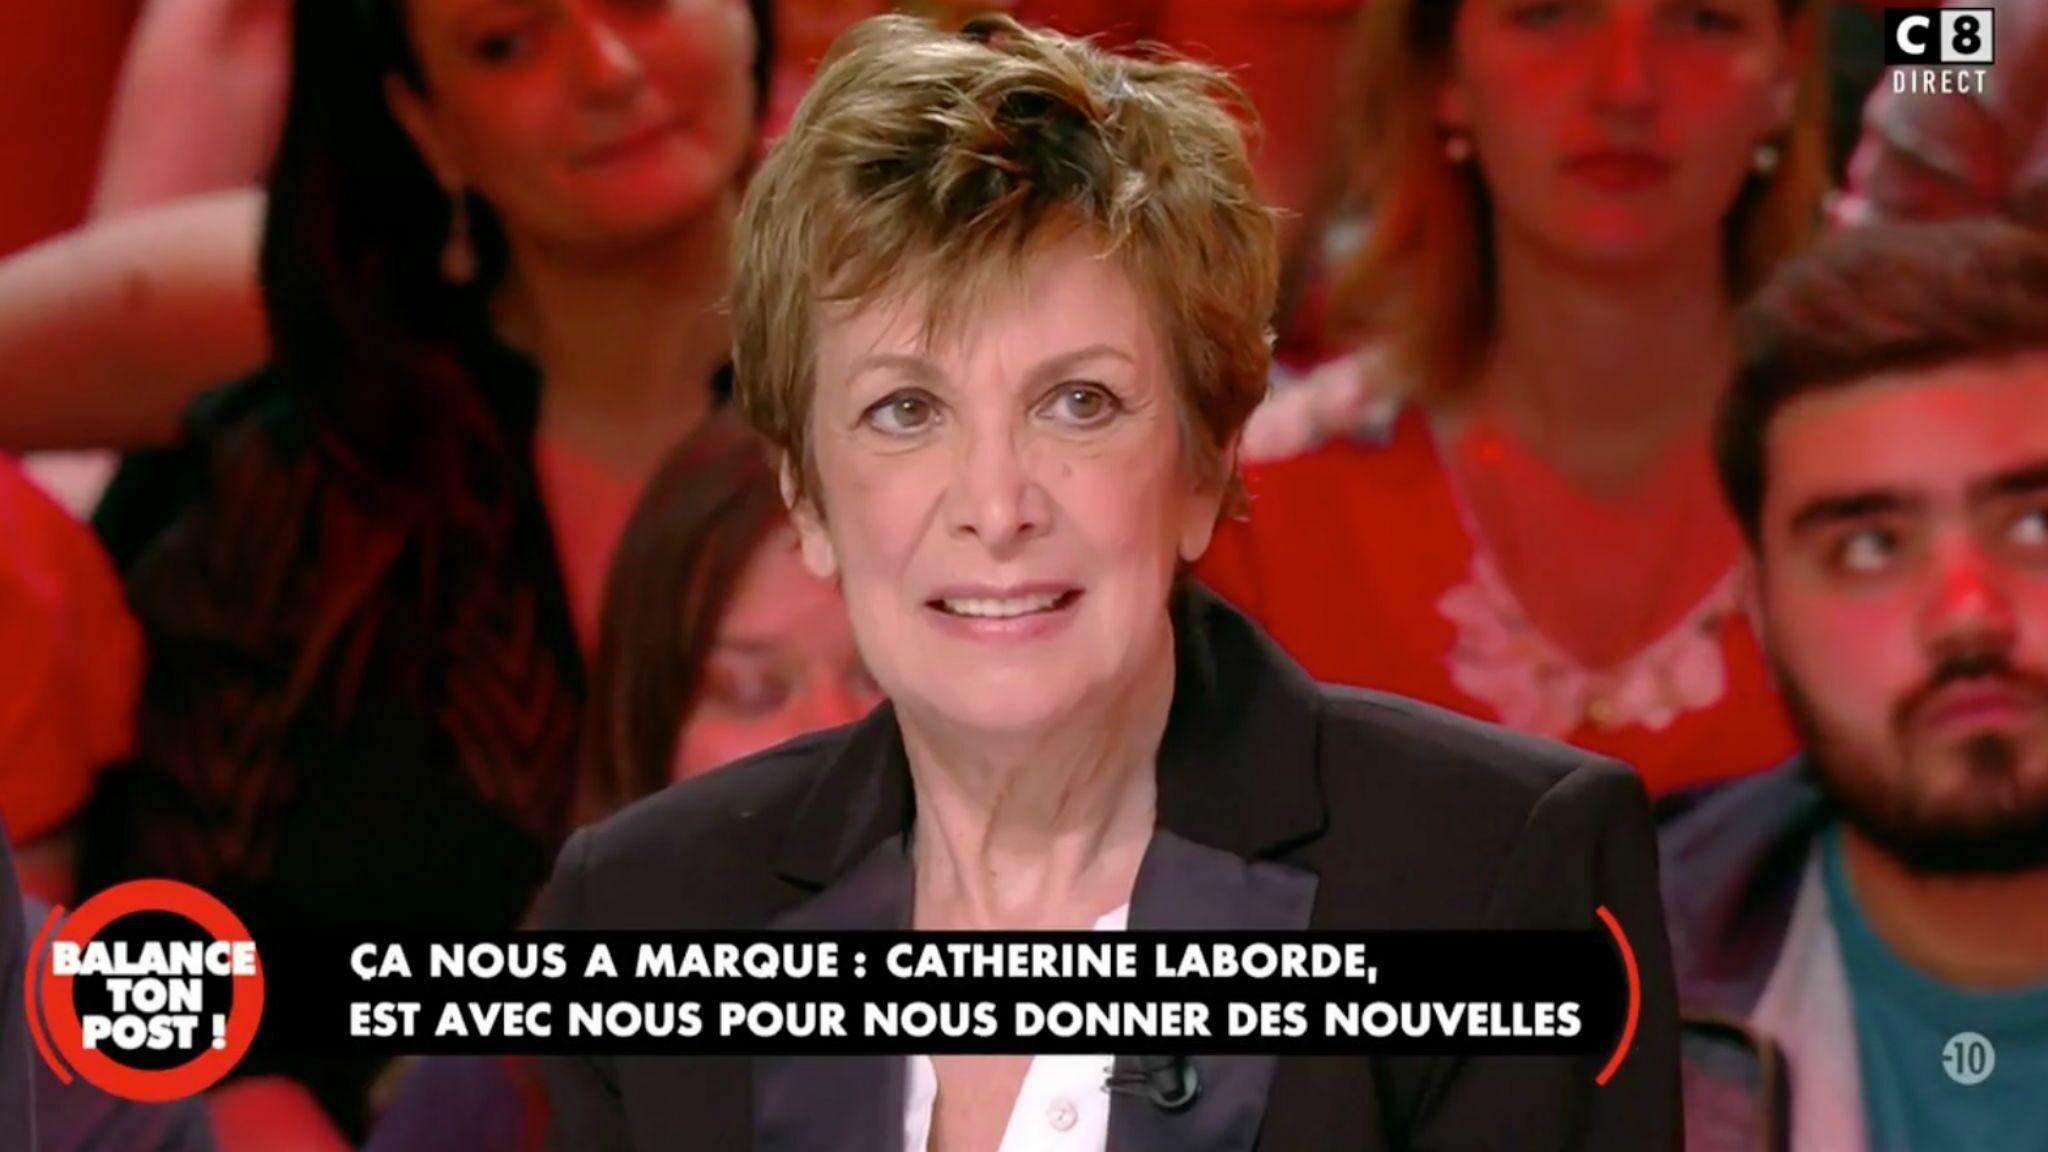 VIDEO Catherine Laborde atteinte de Parkinson : ses touchantes confidences sur la maladie